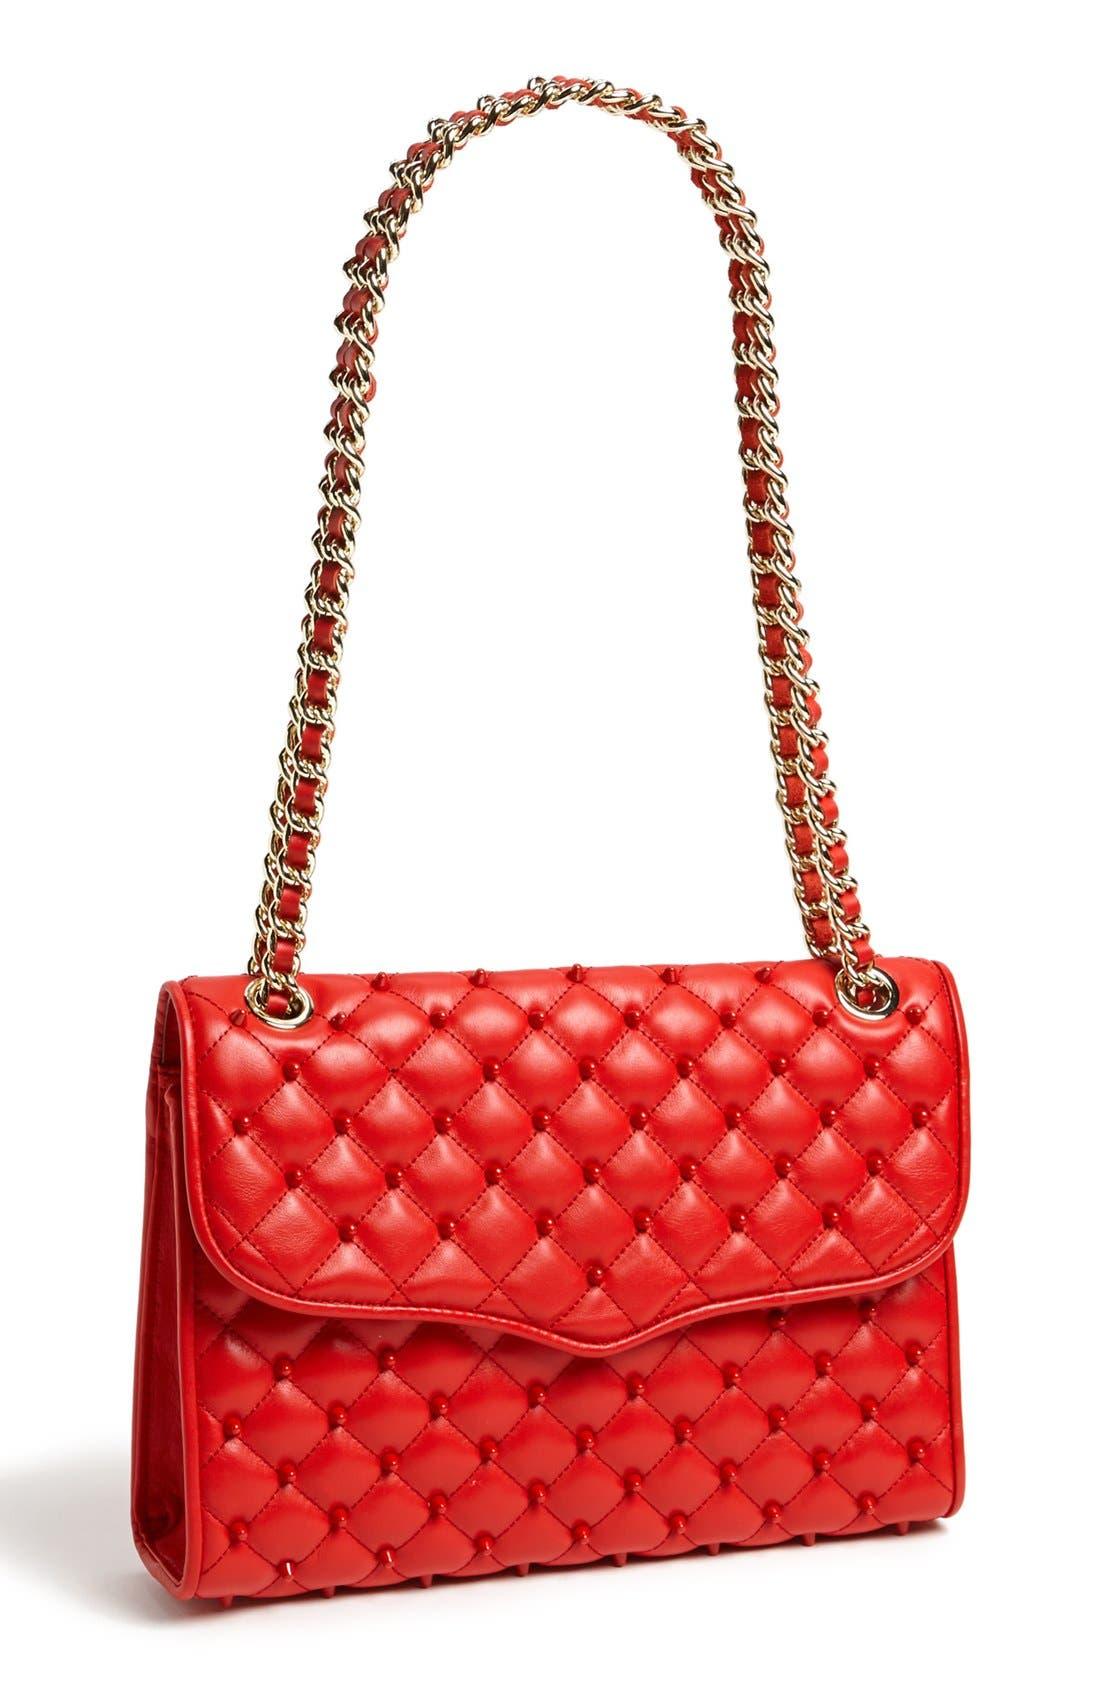 Alternate Image 1 Selected - Rebecca Minkoff 'Affair - Studded' Shoulder Bag